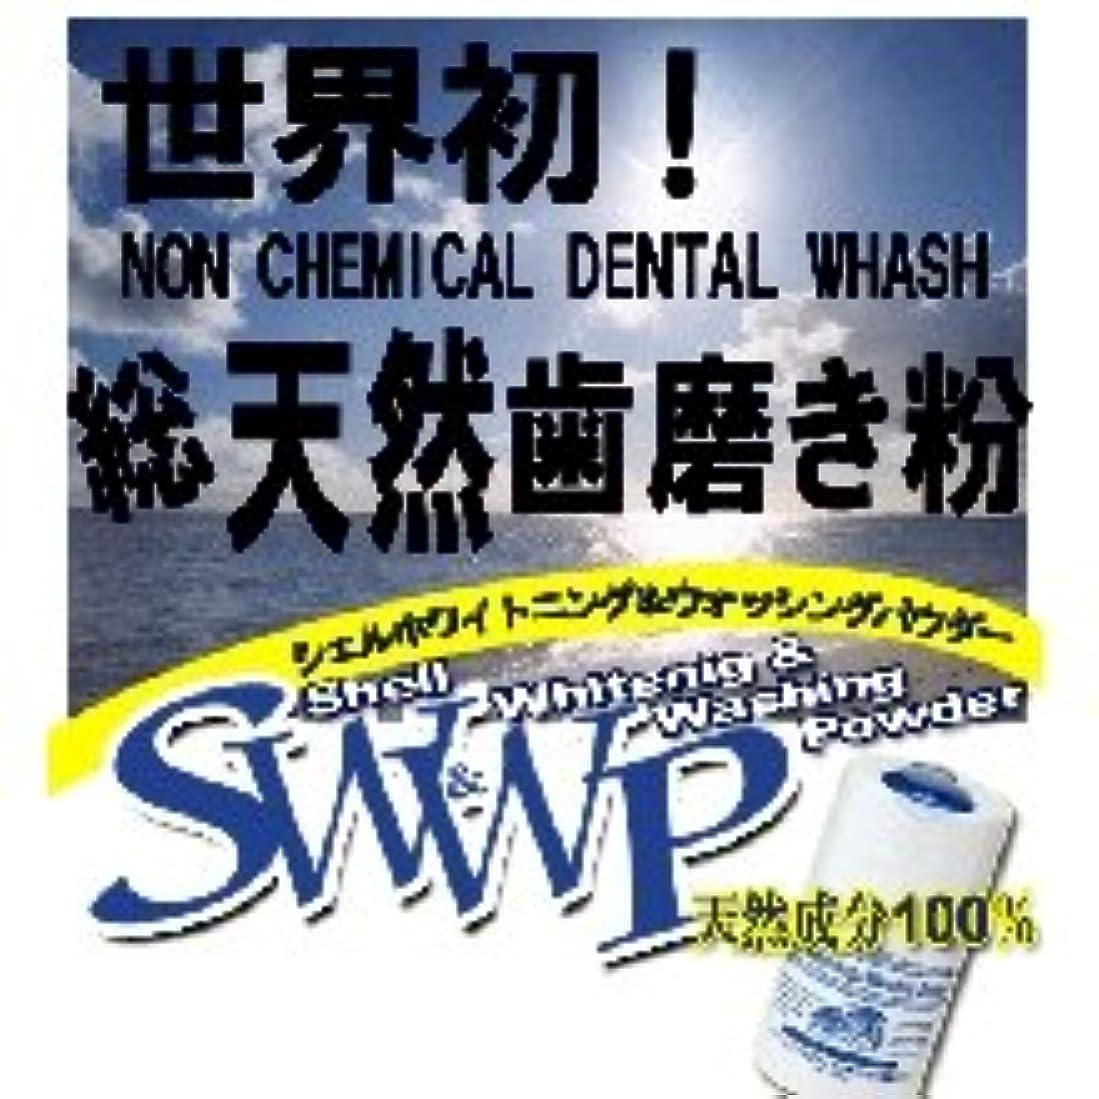 はいチョップ白鳥Shell Whitening & Whashing Powder シェルホワイトニングパウダー